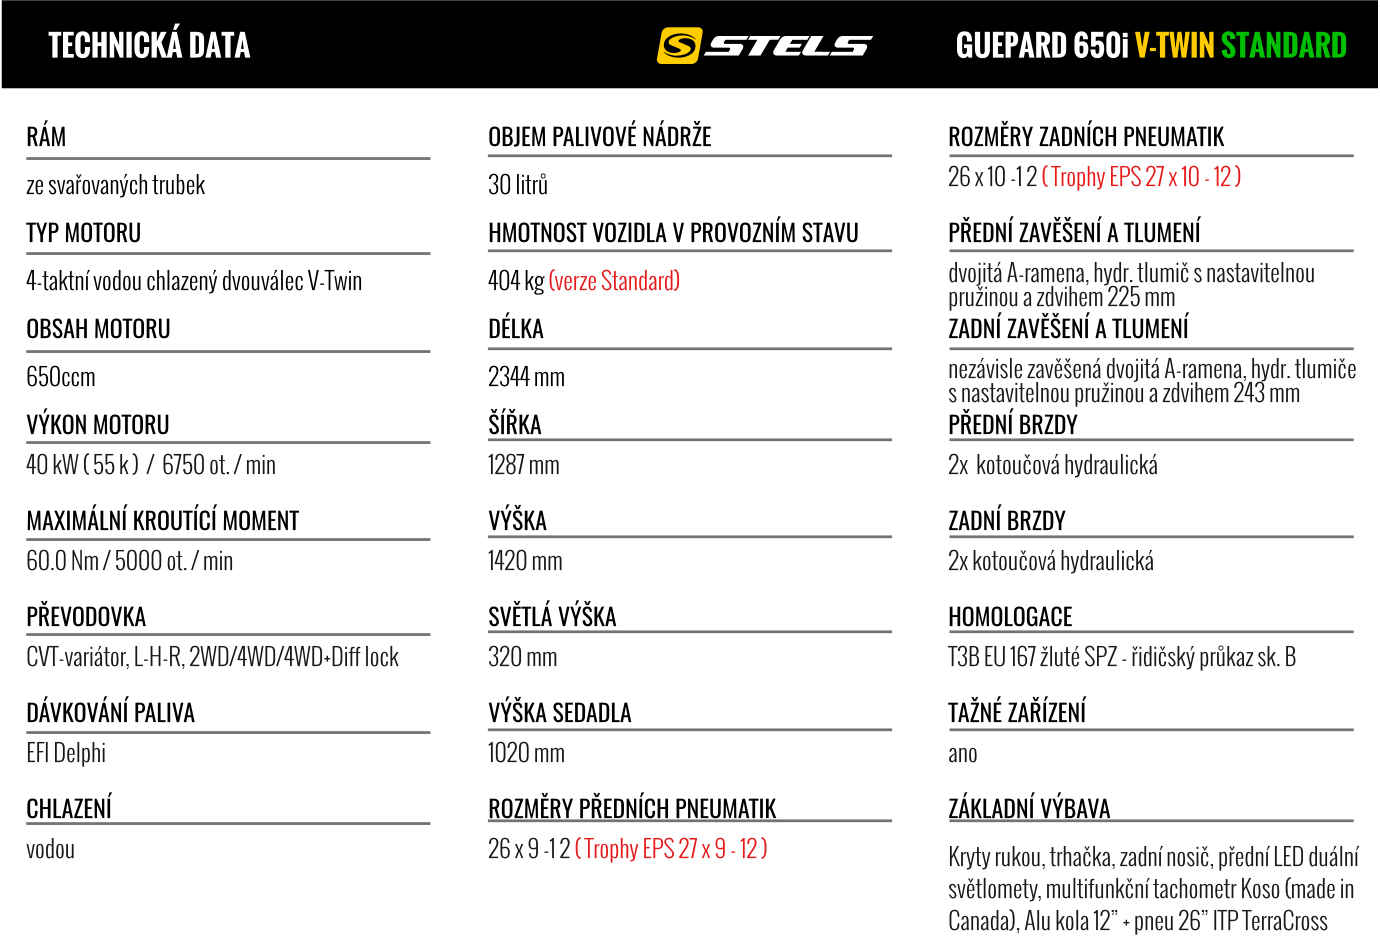 stels_guepard_650_st_technicka_data